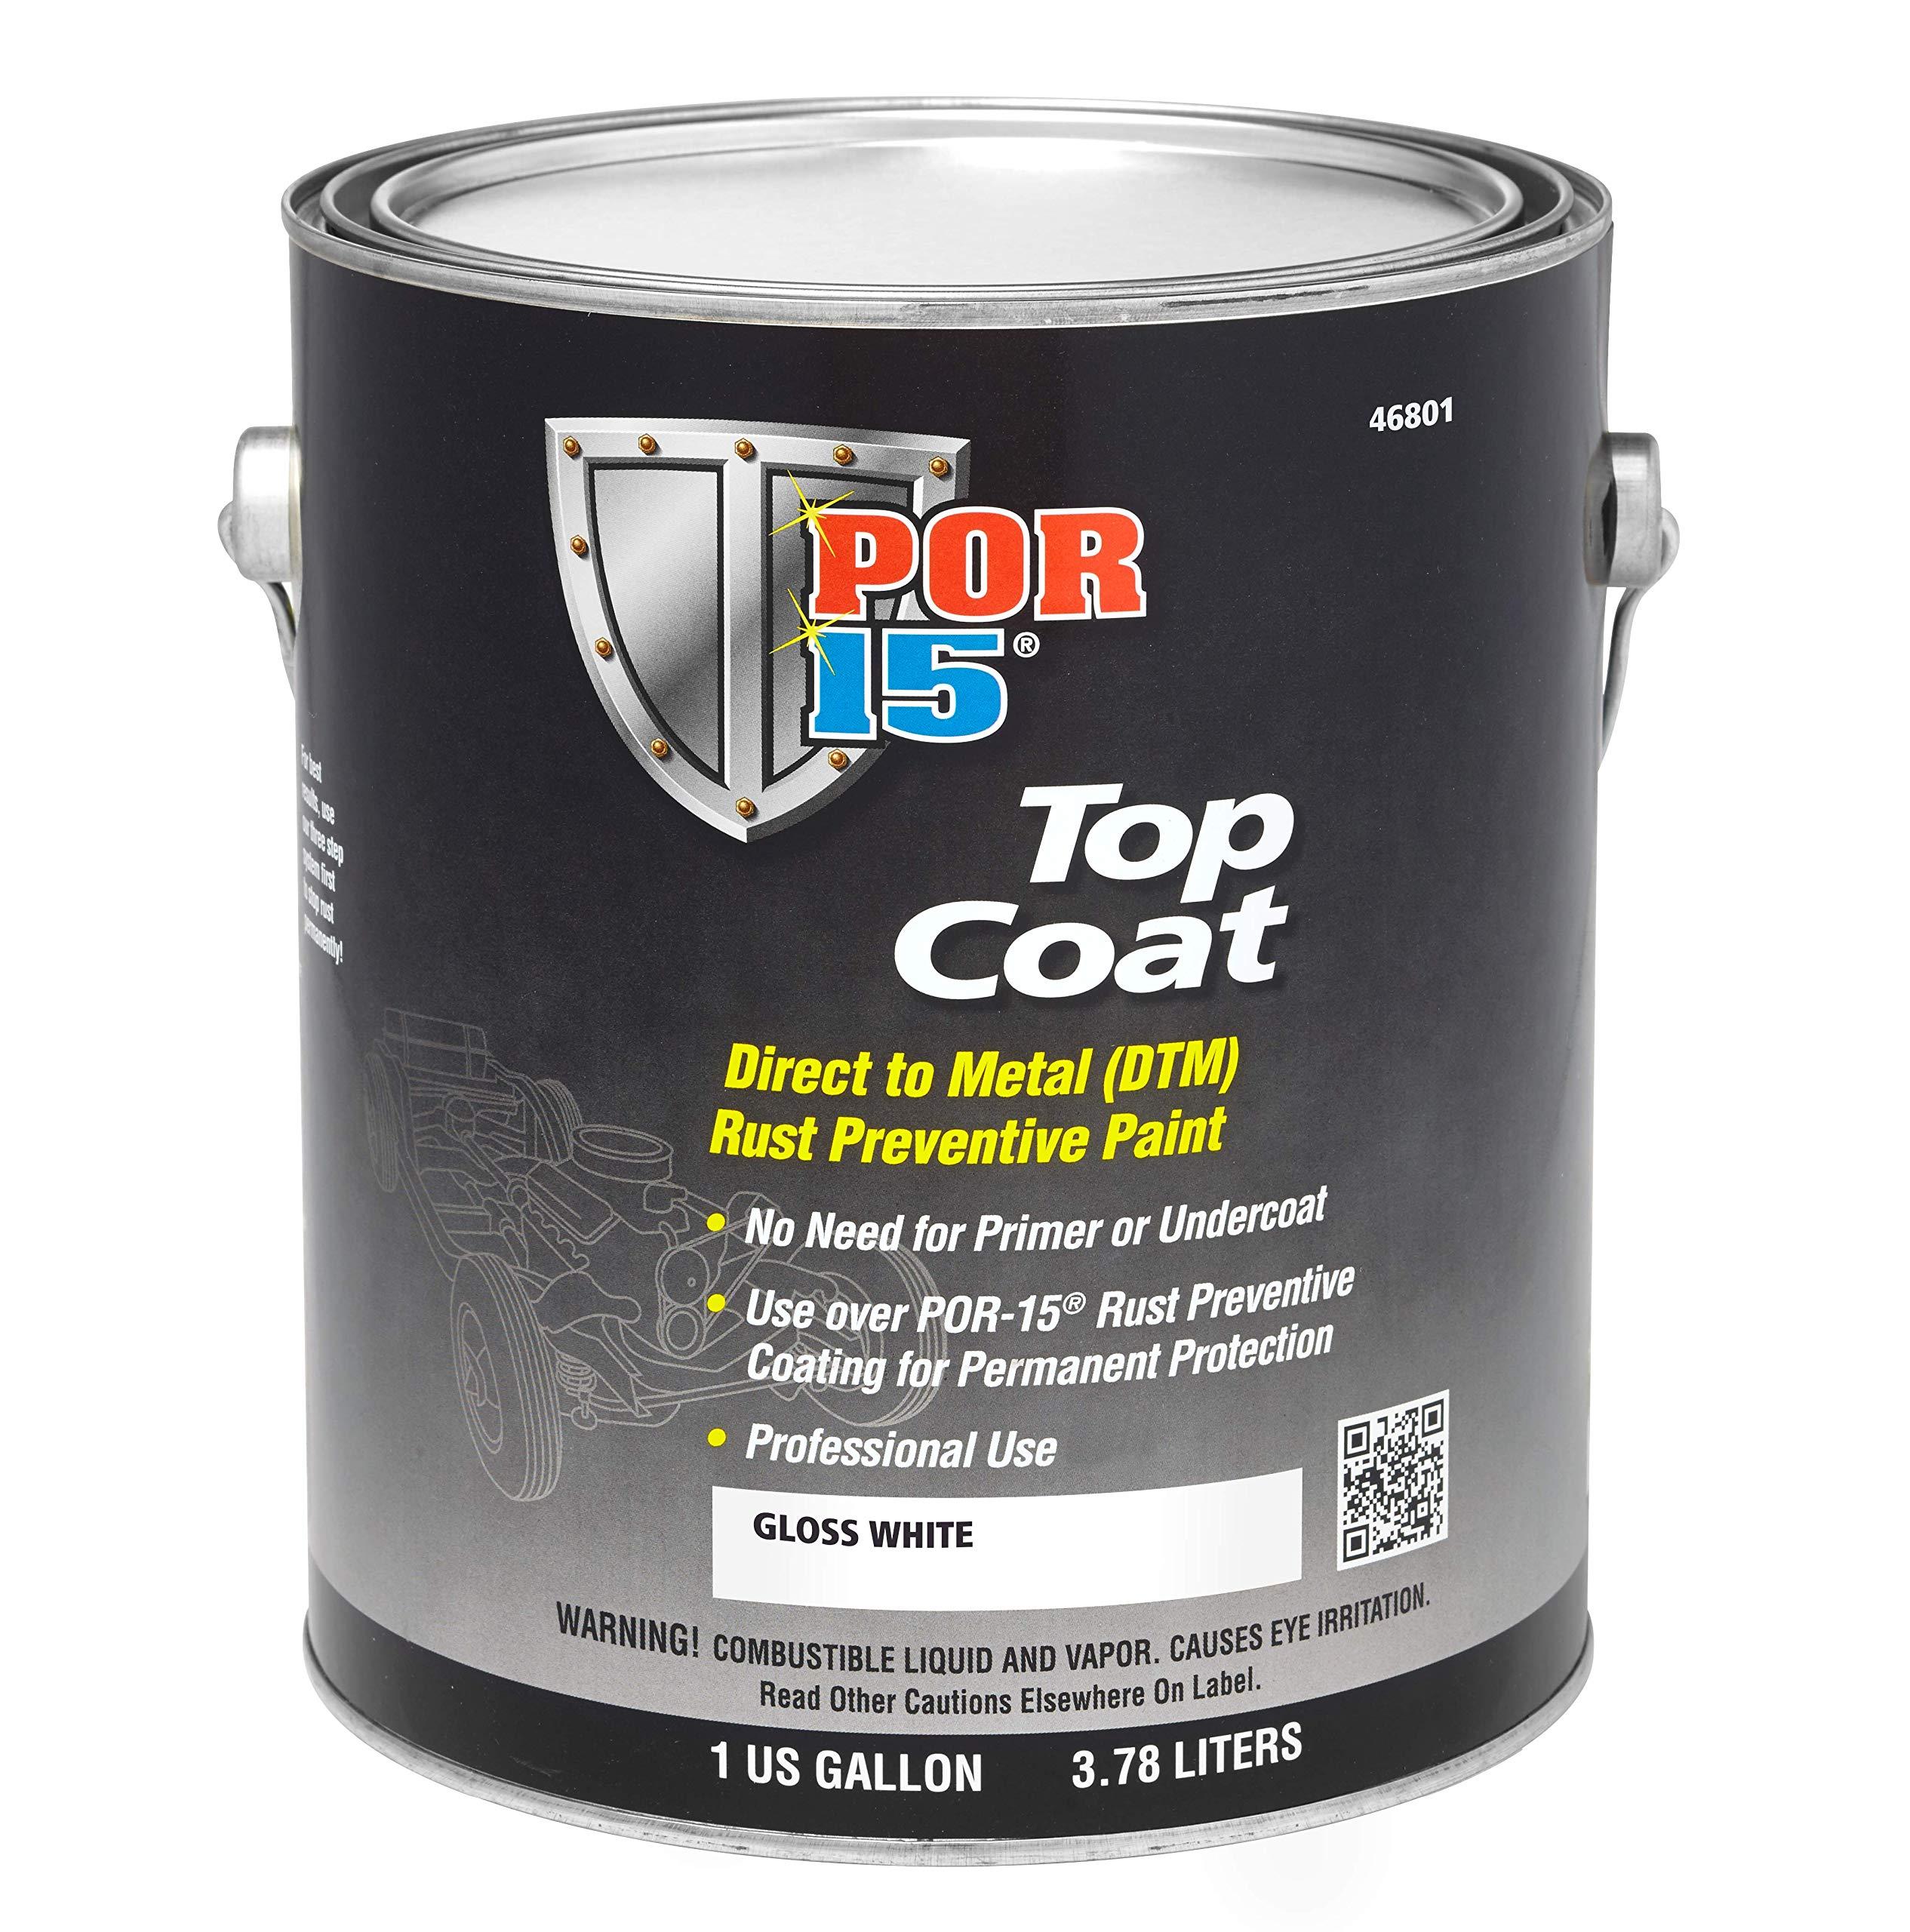 POR-15 46801 Top Coat Gloss White Paint, 128. Fluid_Ounces